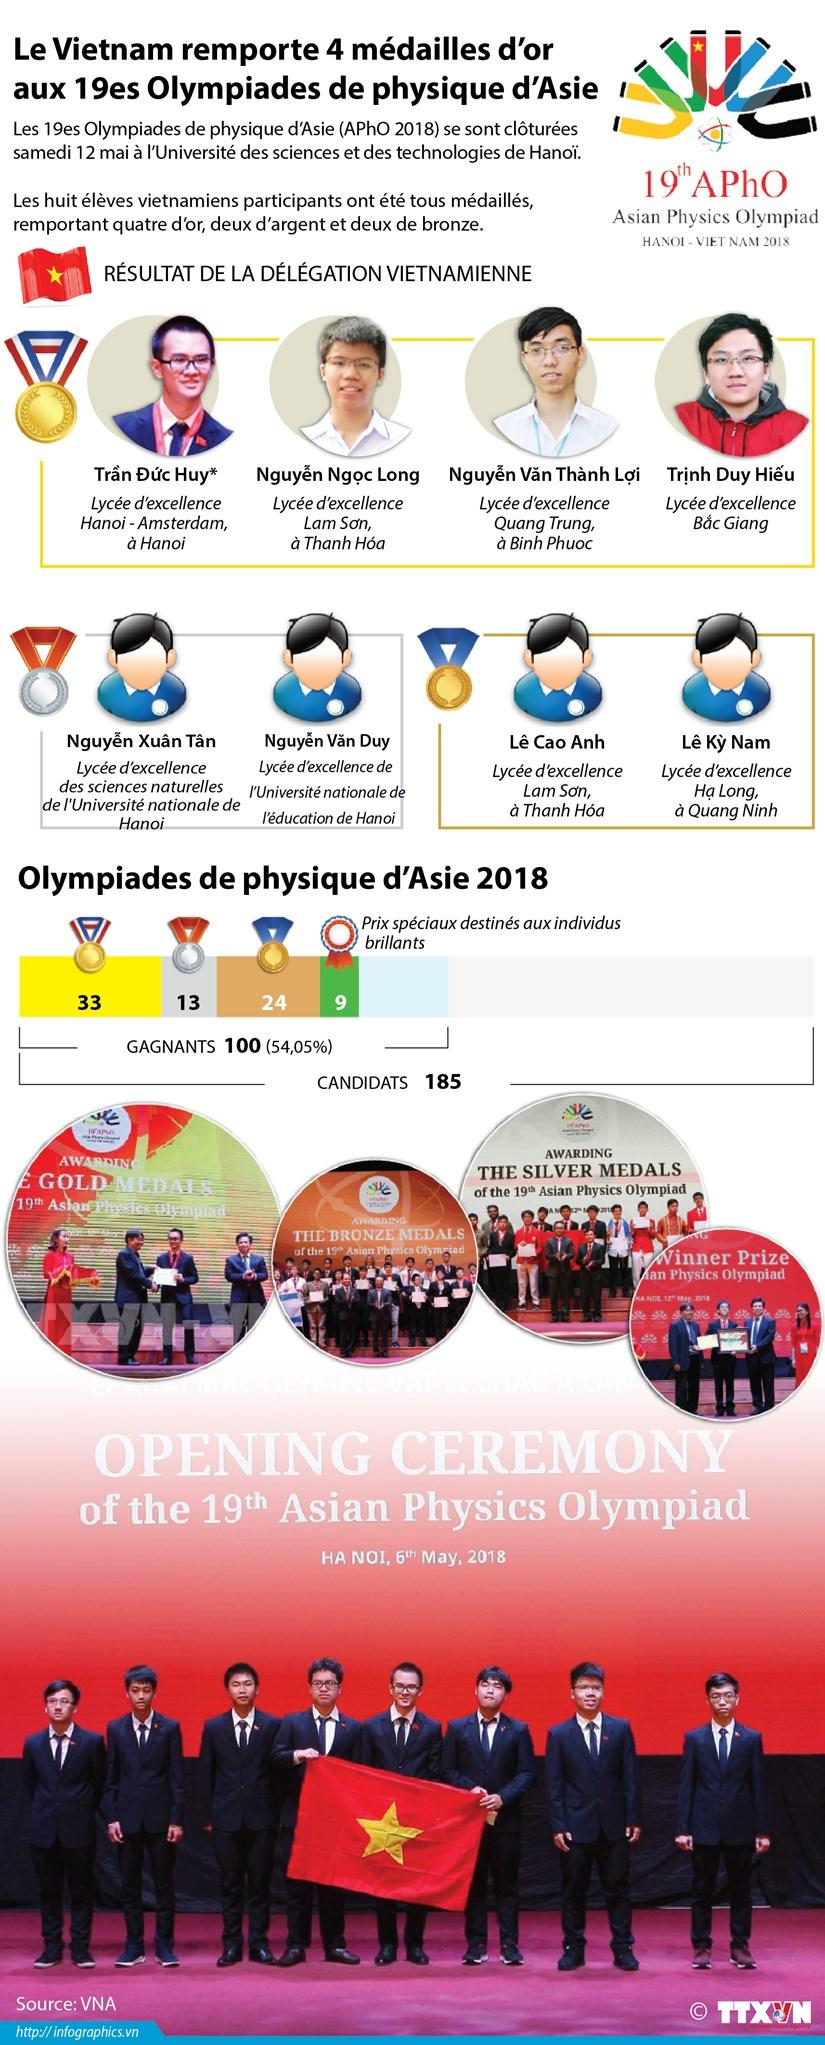 Le Vietnam remporte 4 medailles d'or aux 19es Olympiades de physique d'Asie hinh anh 1